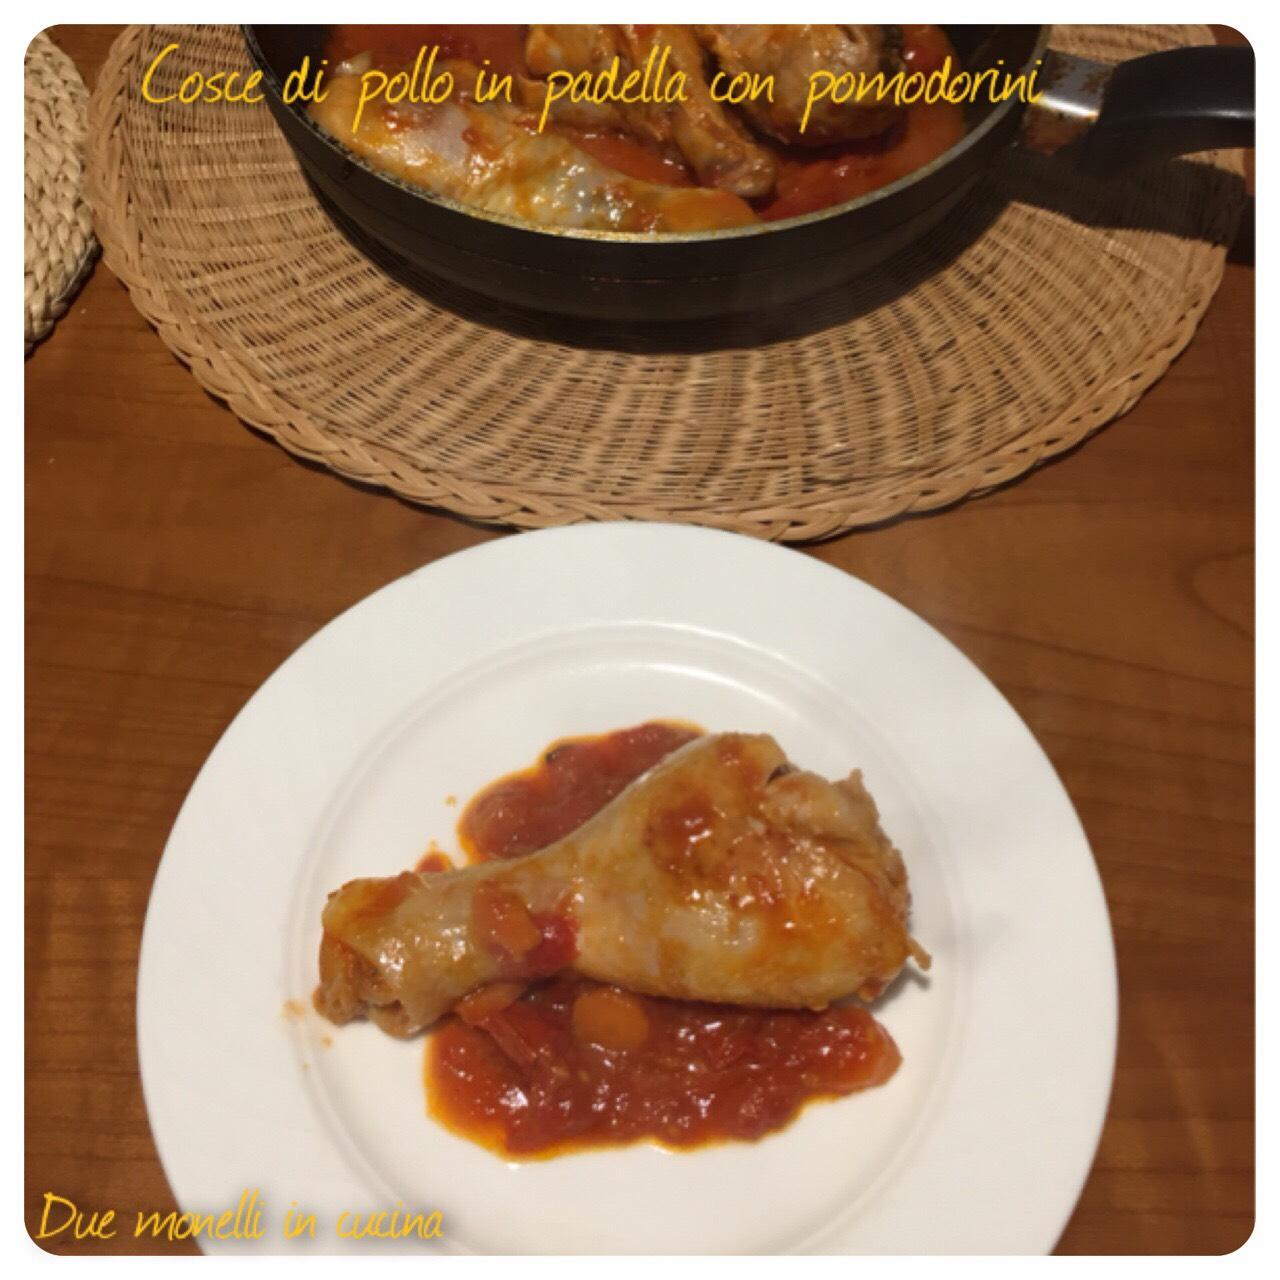 Cosce di pollo in padella con pomodorini